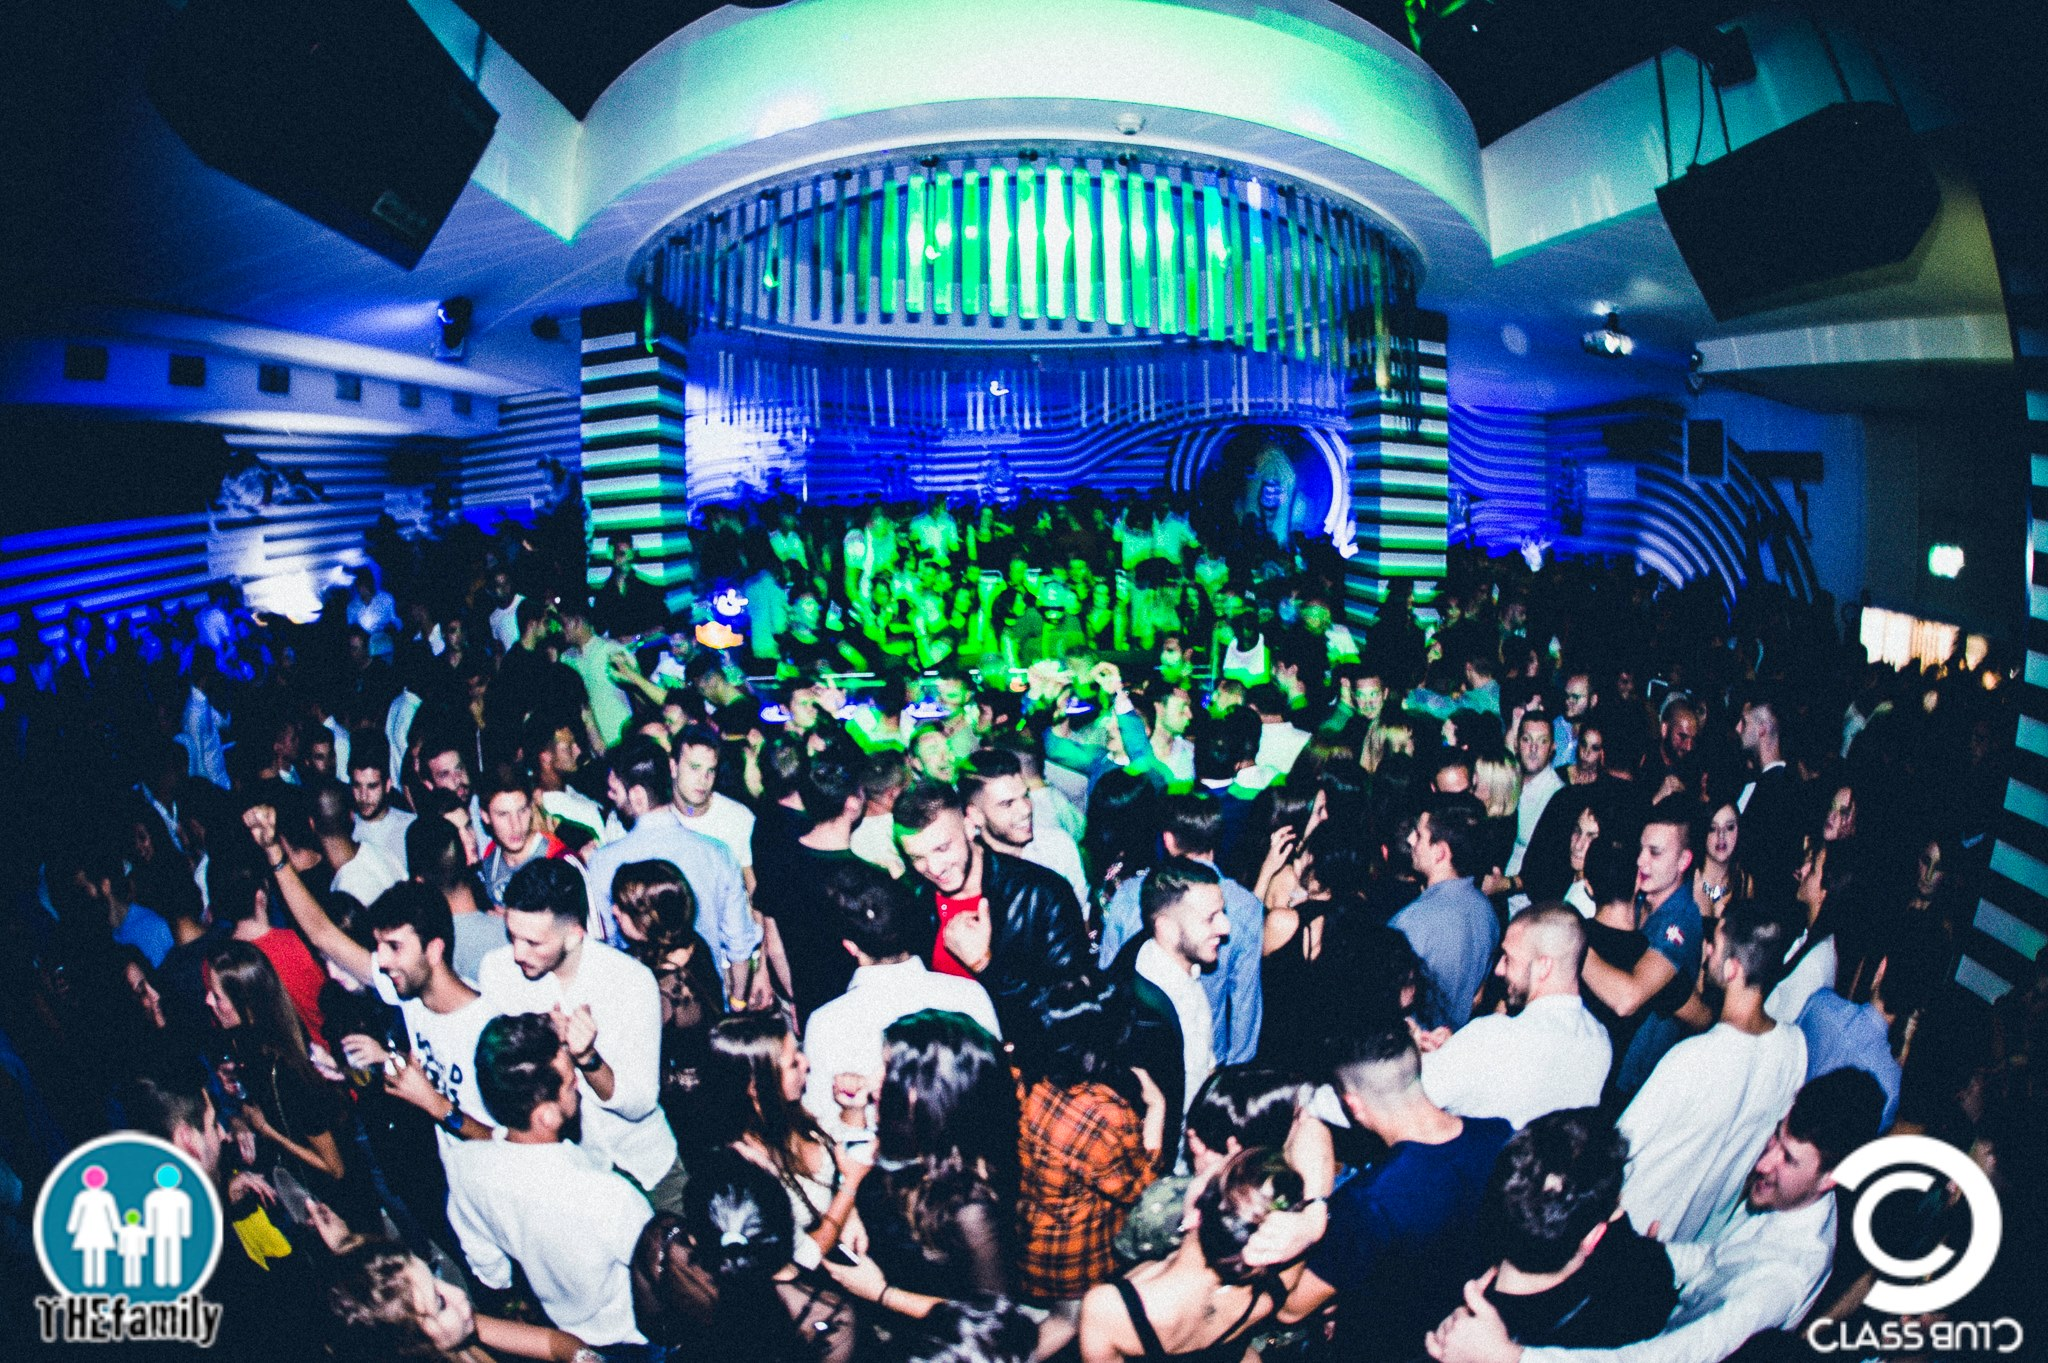 Grande Inaugurazione della discoteca Classclub di Viterbo by Gianni Trombetta  Ospite la Eds WP Eventi nella persona di Erno Rossi & William Vittori.